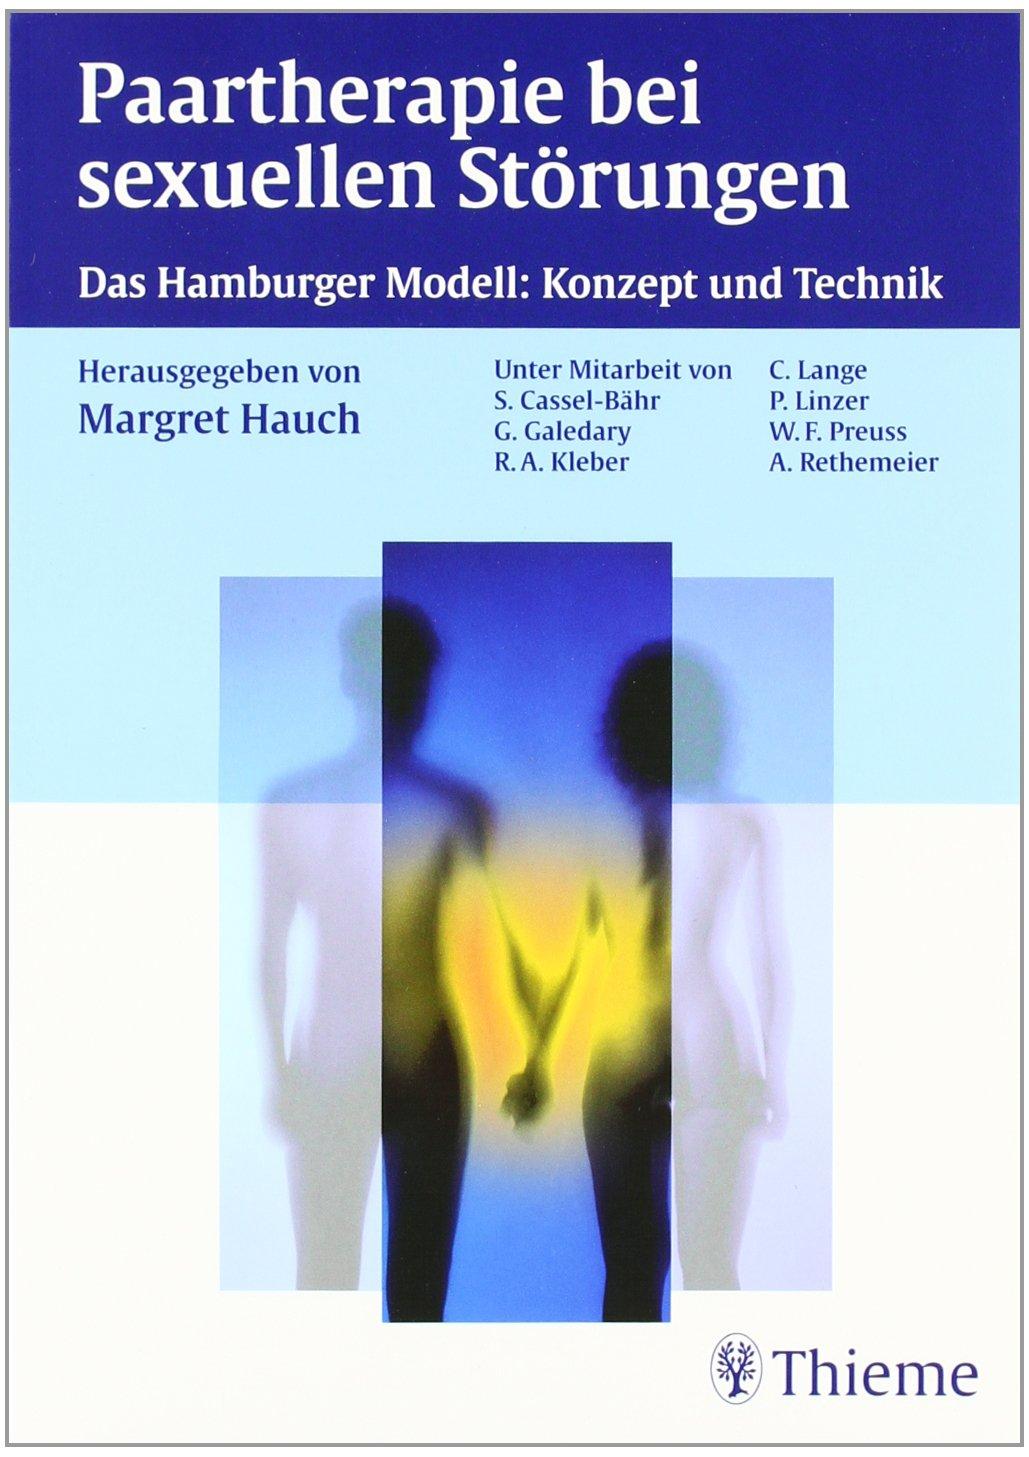 Paartherapie bei sexuellen Störungen. Das Hamburger Modell. Konzept und Technik